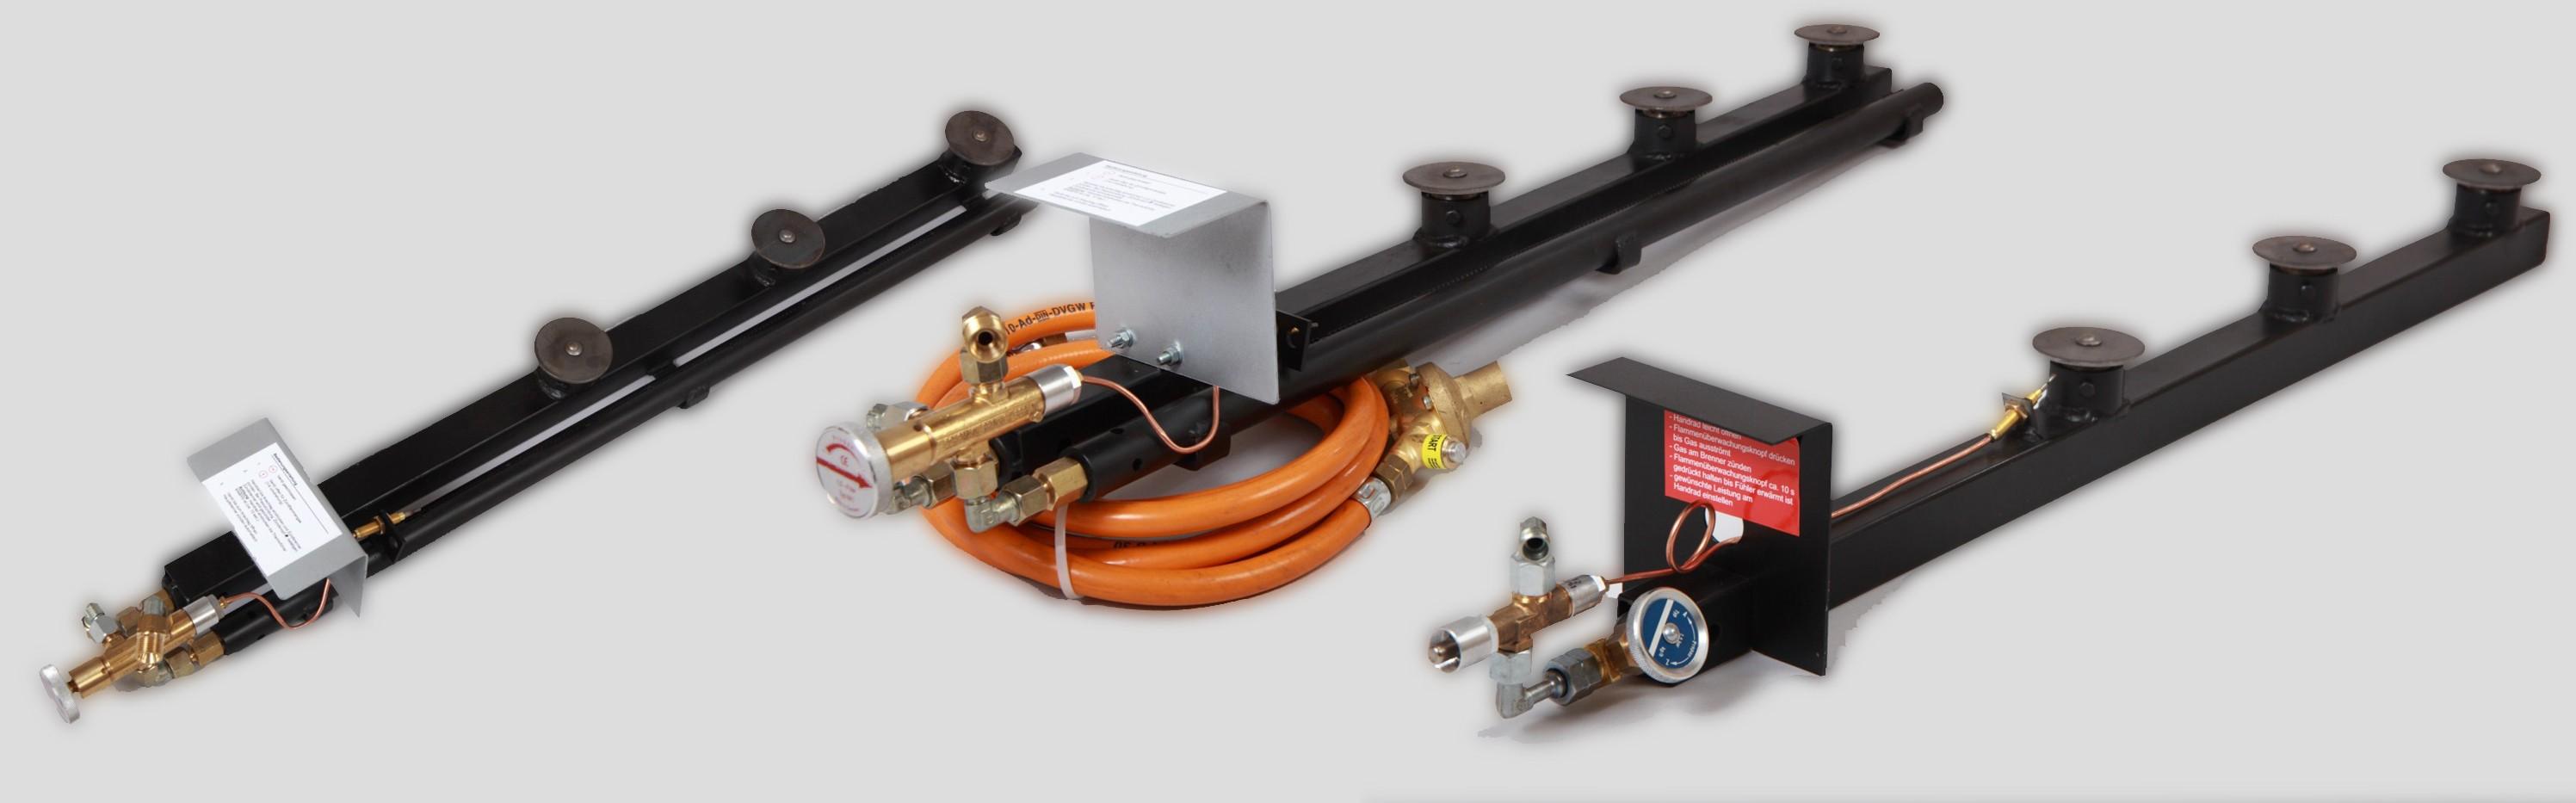 Gasbrenner für verschiedene Einsatzgebiete